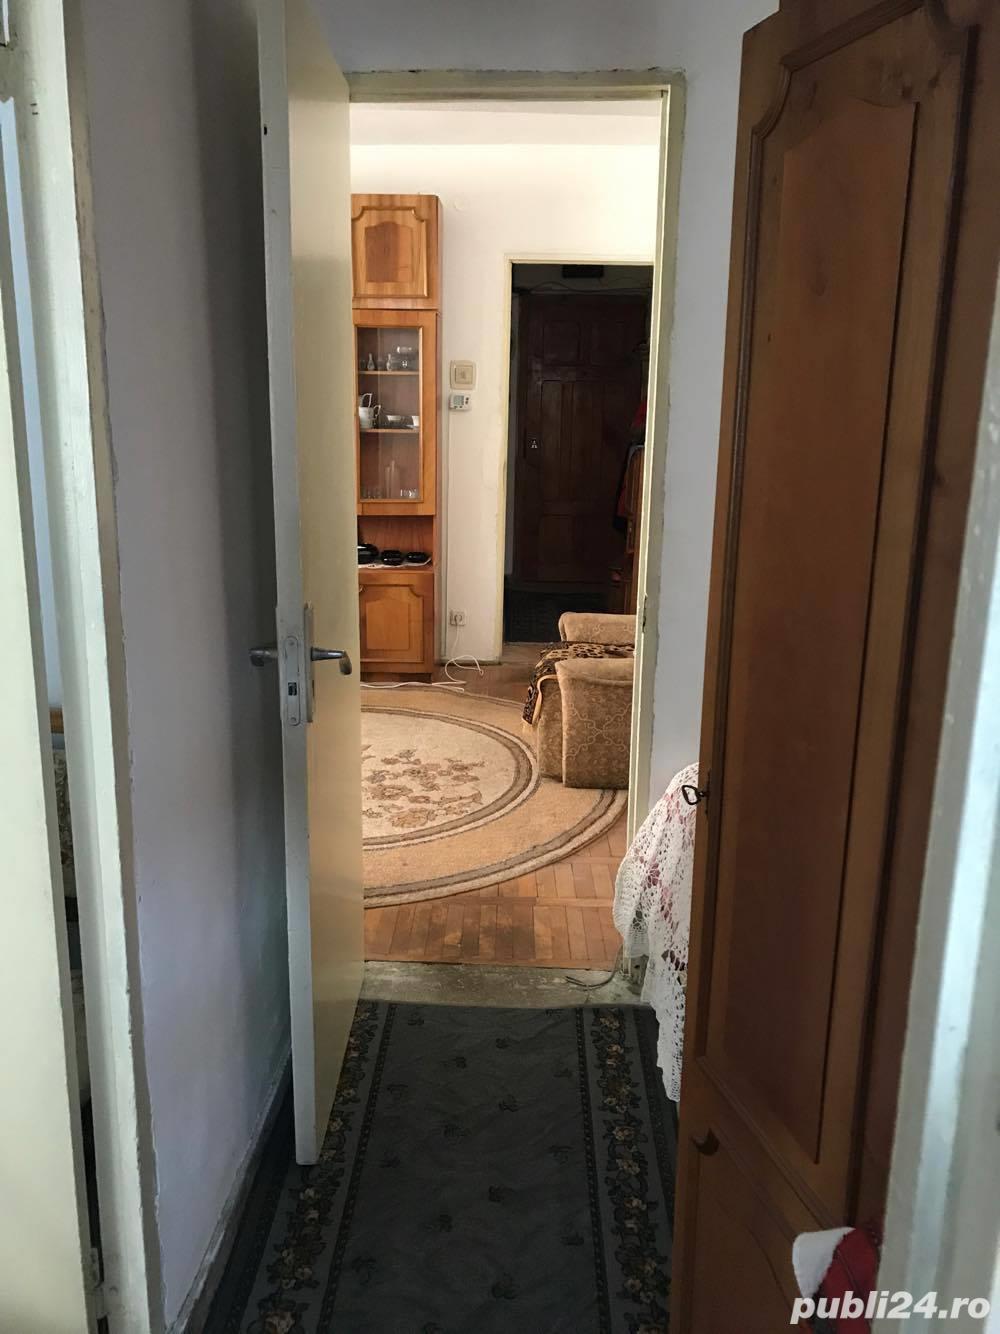 Apartament de vânzare, zona centrală, Rosiori de Vede